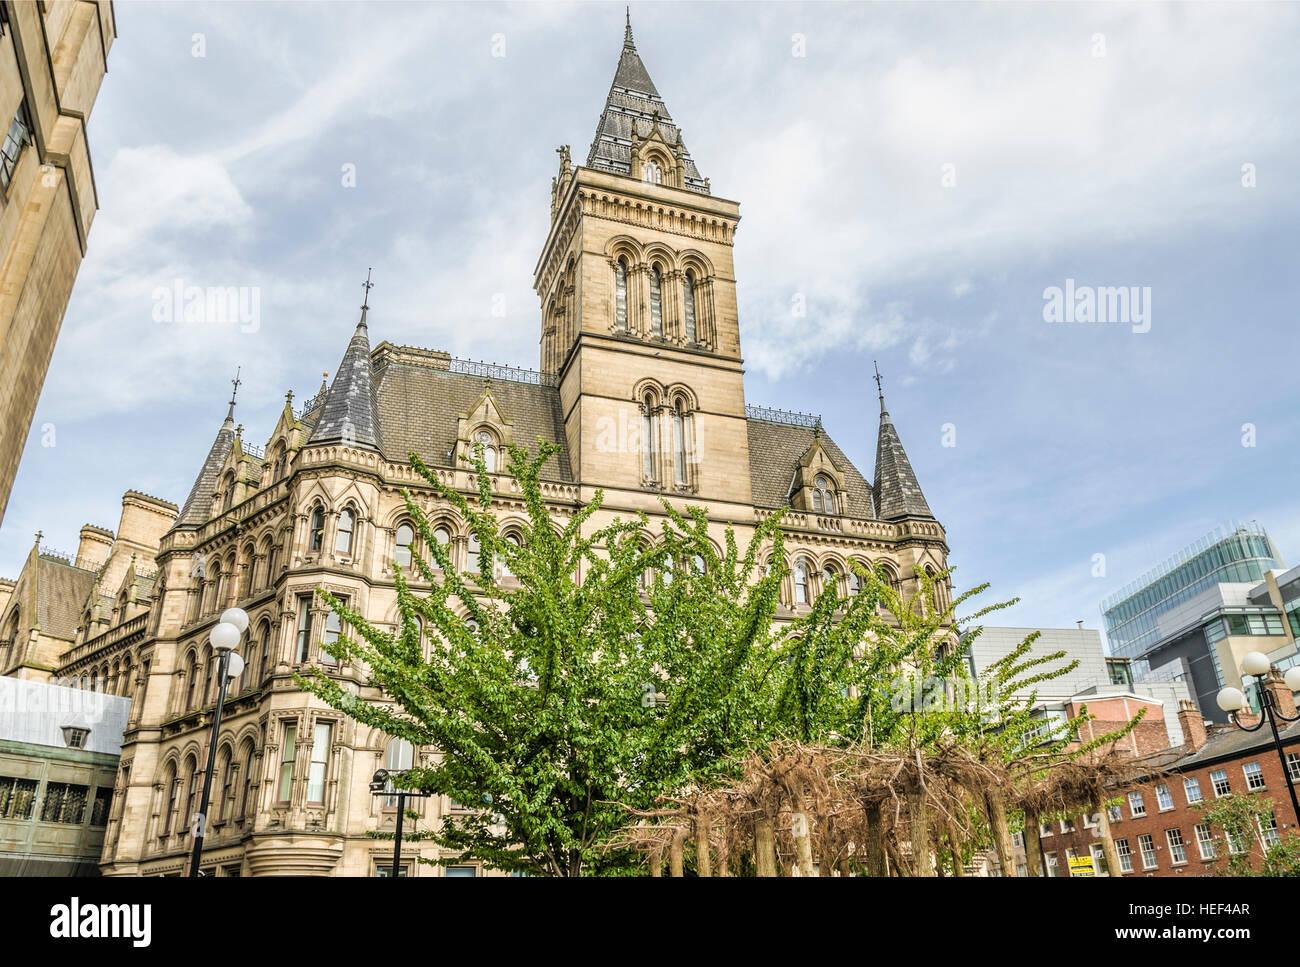 Manchester Town Hall ist ein Gebäude in Manchester, England, die Manchester City Council beherbergt. Stockbild